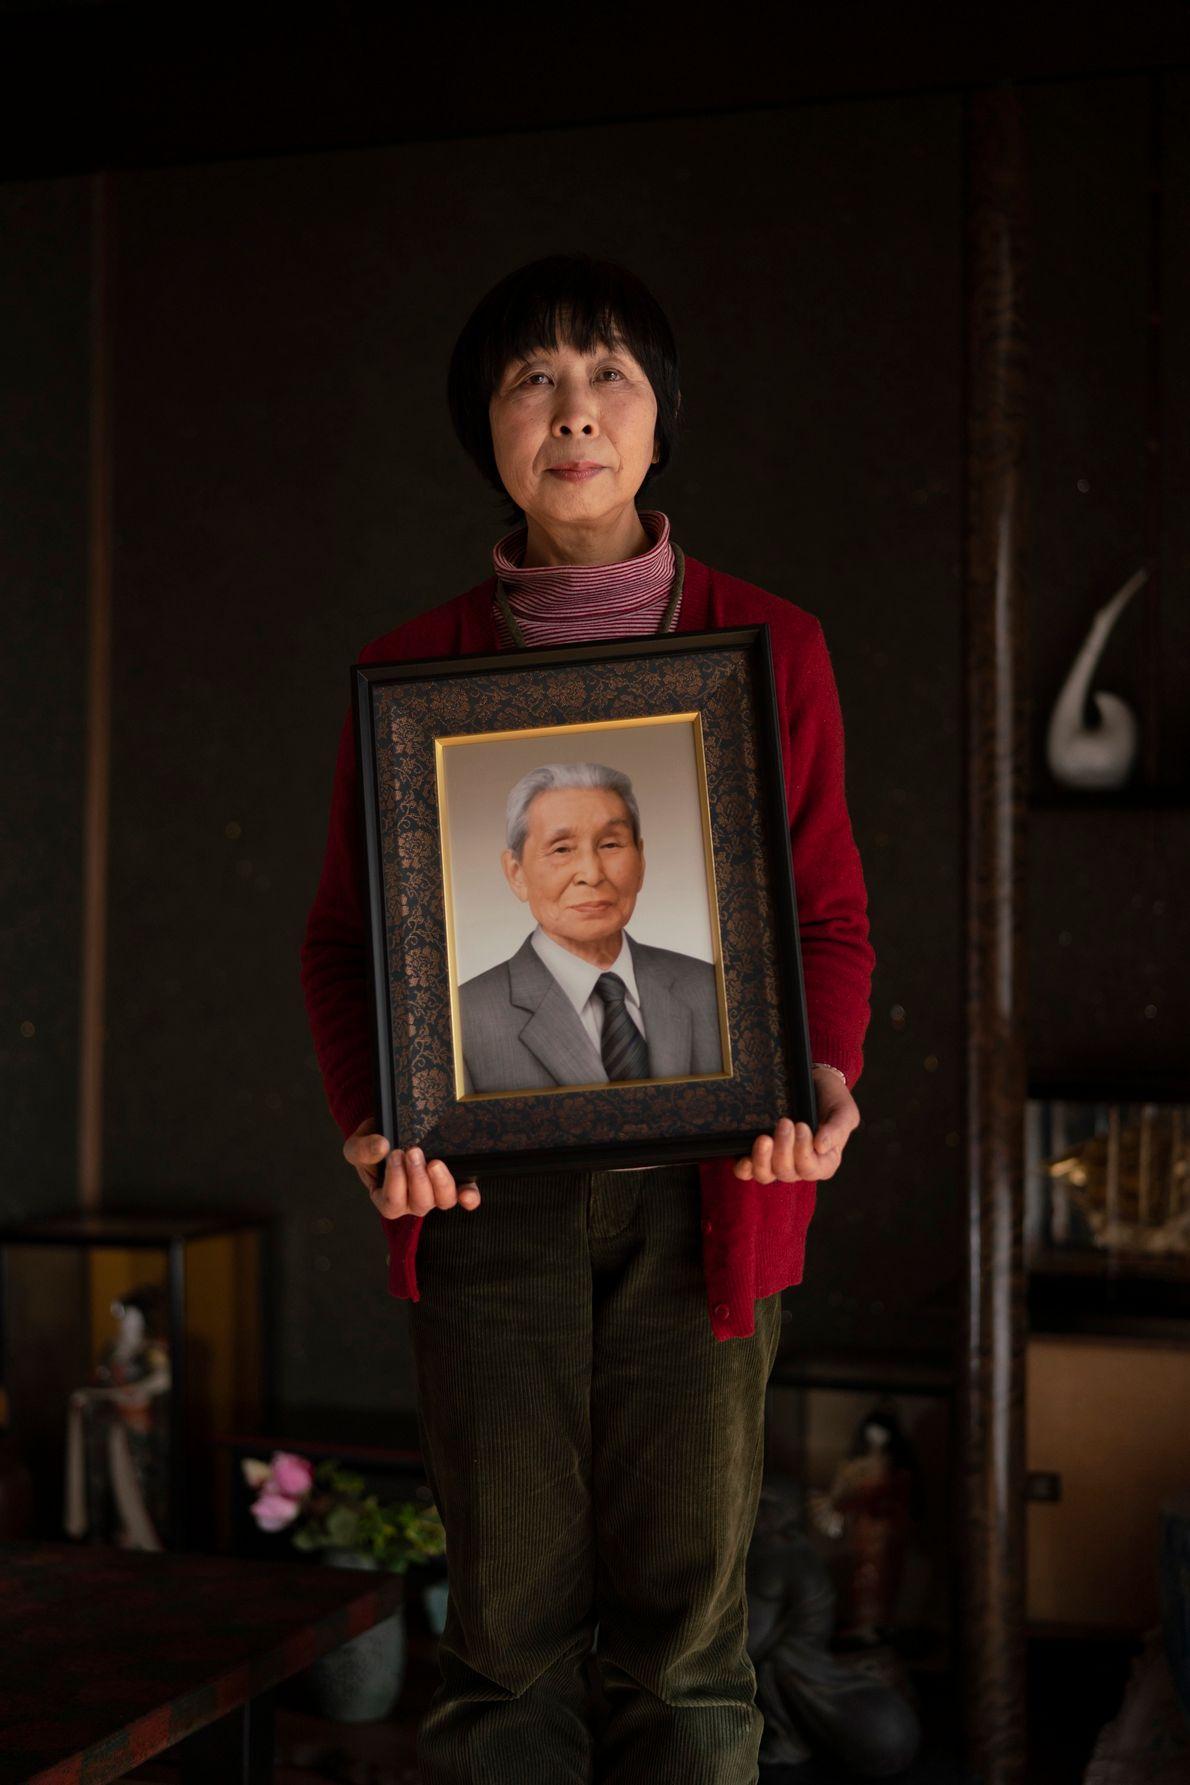 Akiko Funatsu sostiene un retrato de su difunto padre, quien tenía 19 años en el momento ...